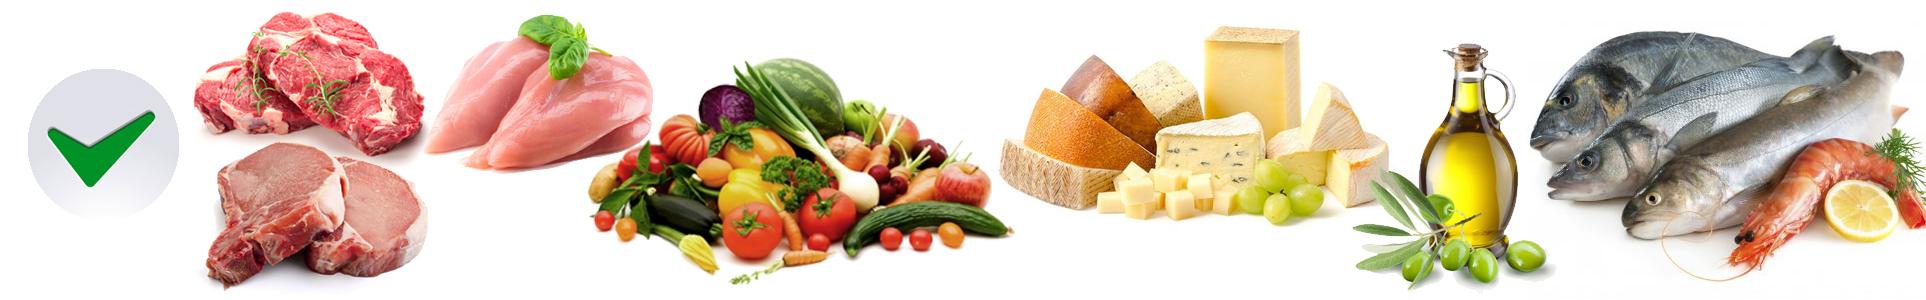 dieta Ketos | cibi consigliati